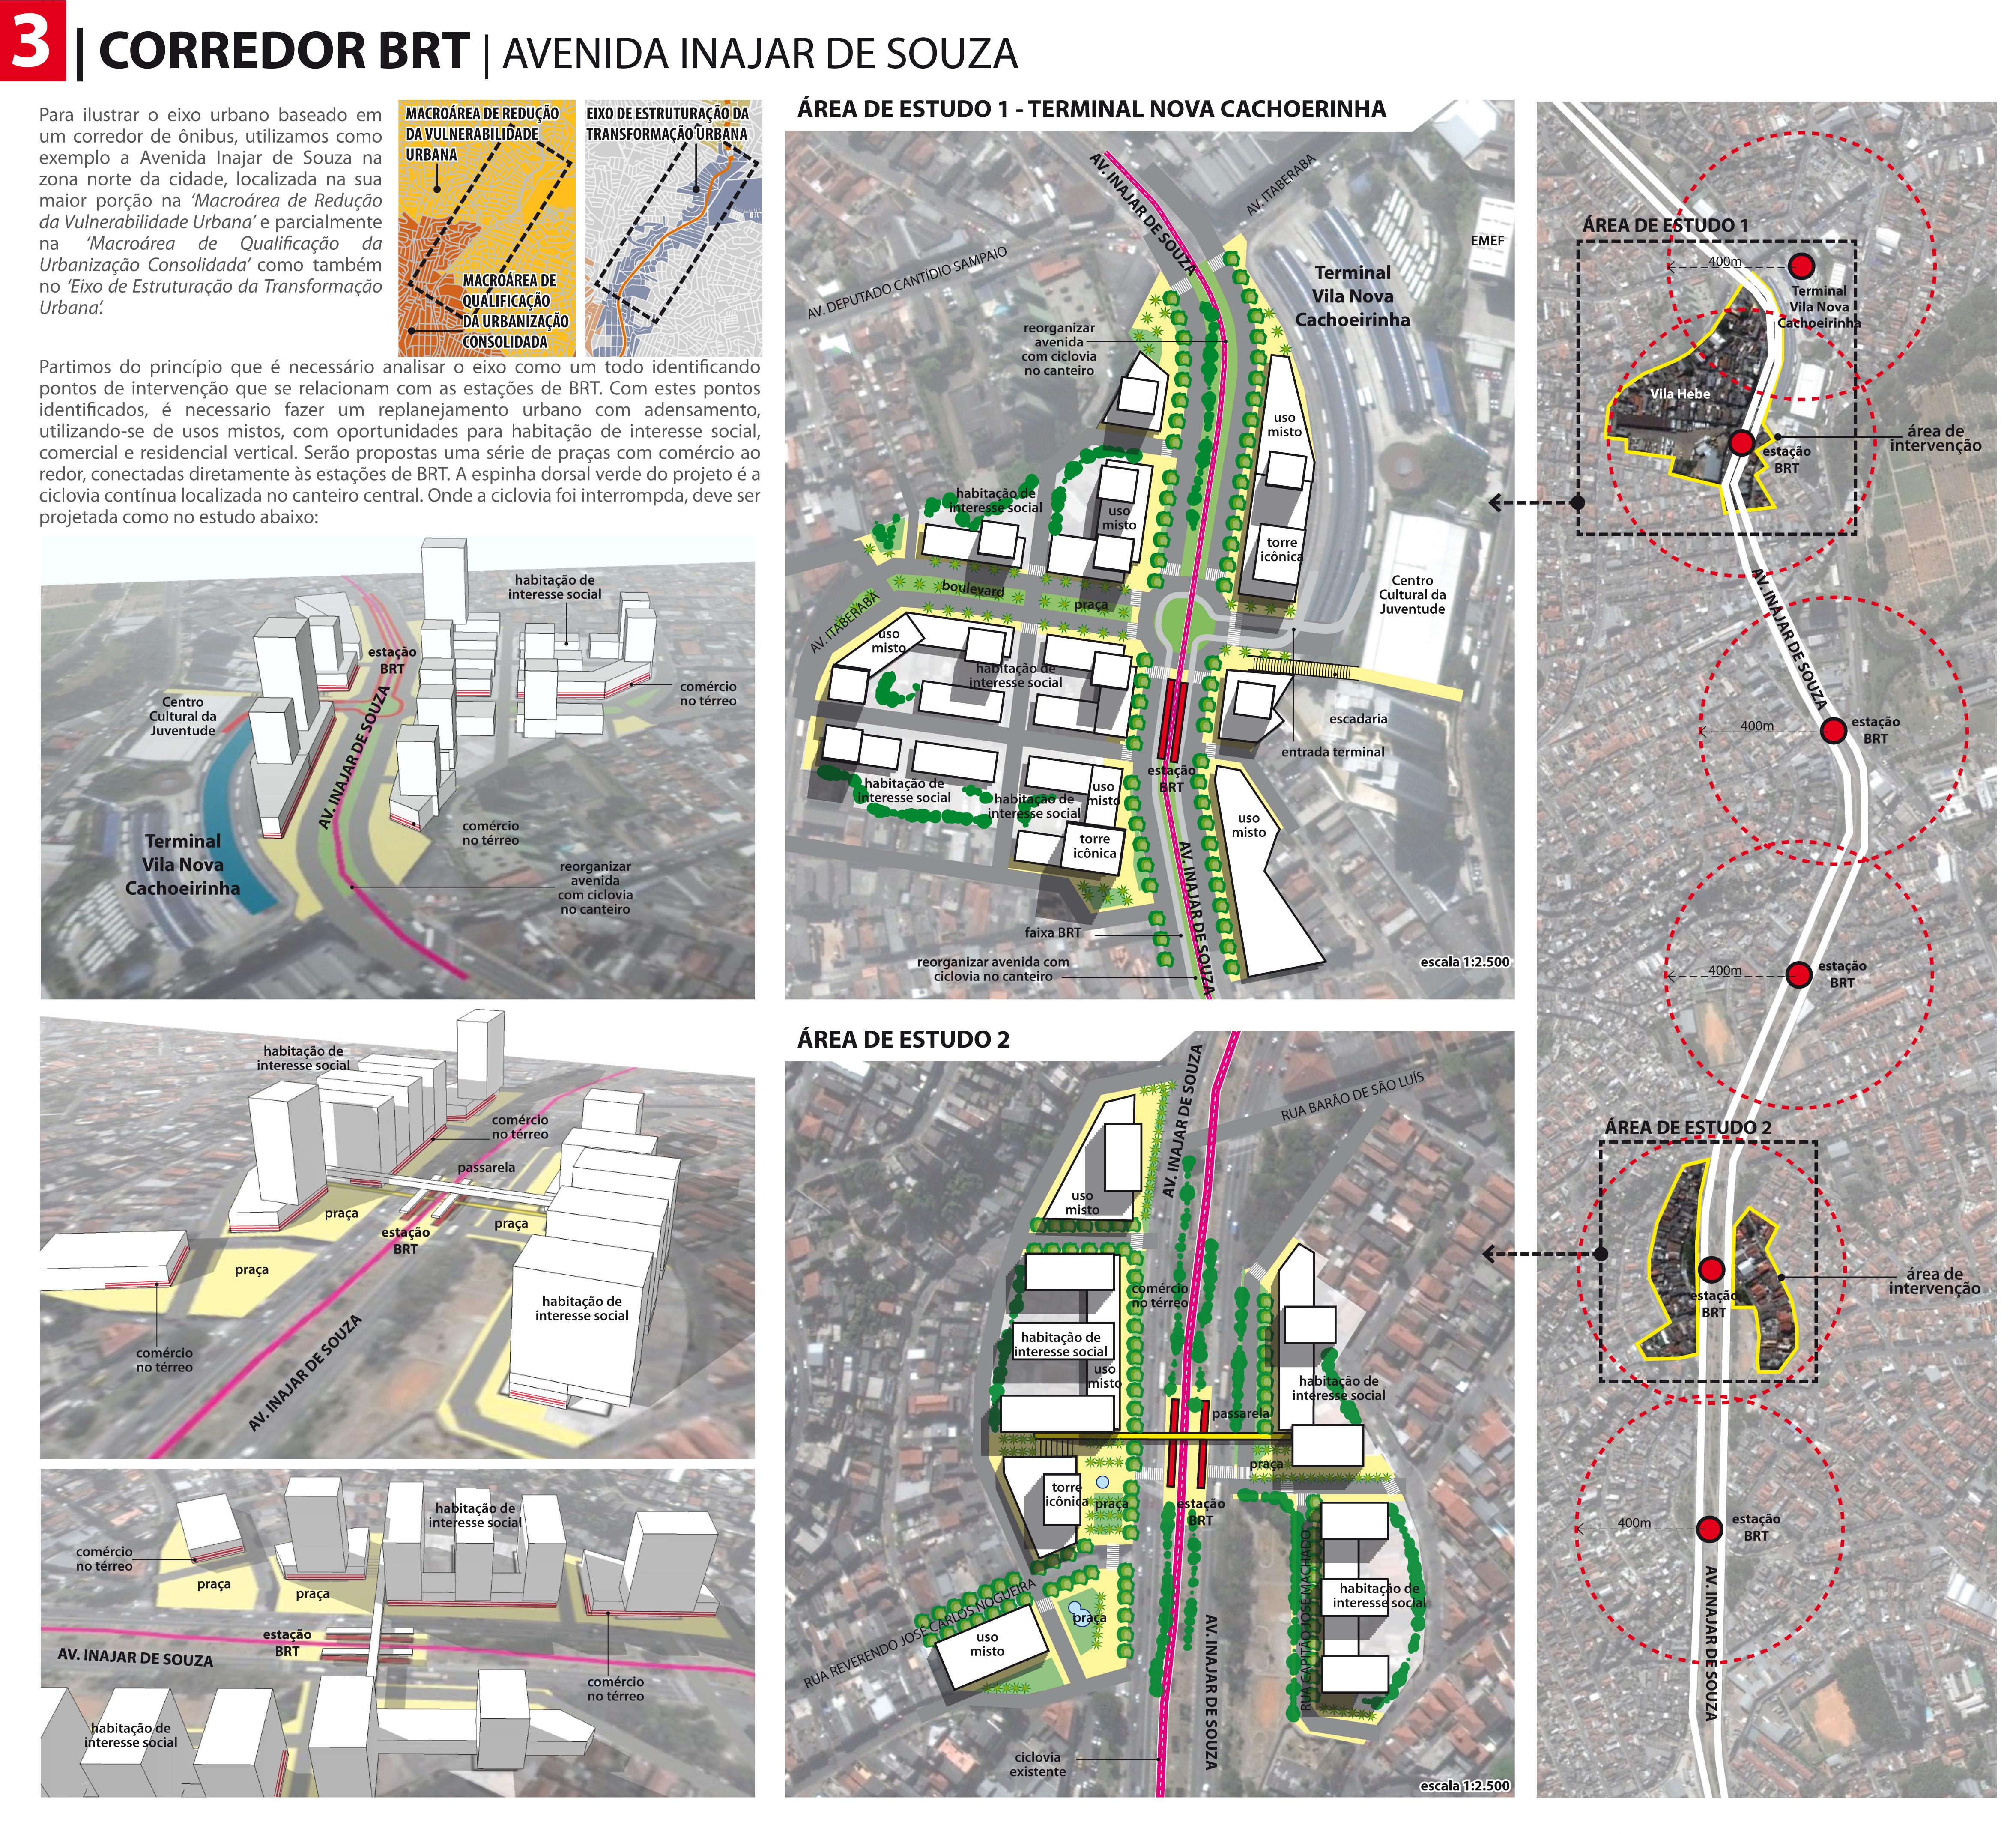 CORREDOR BRT - AV INAJAR